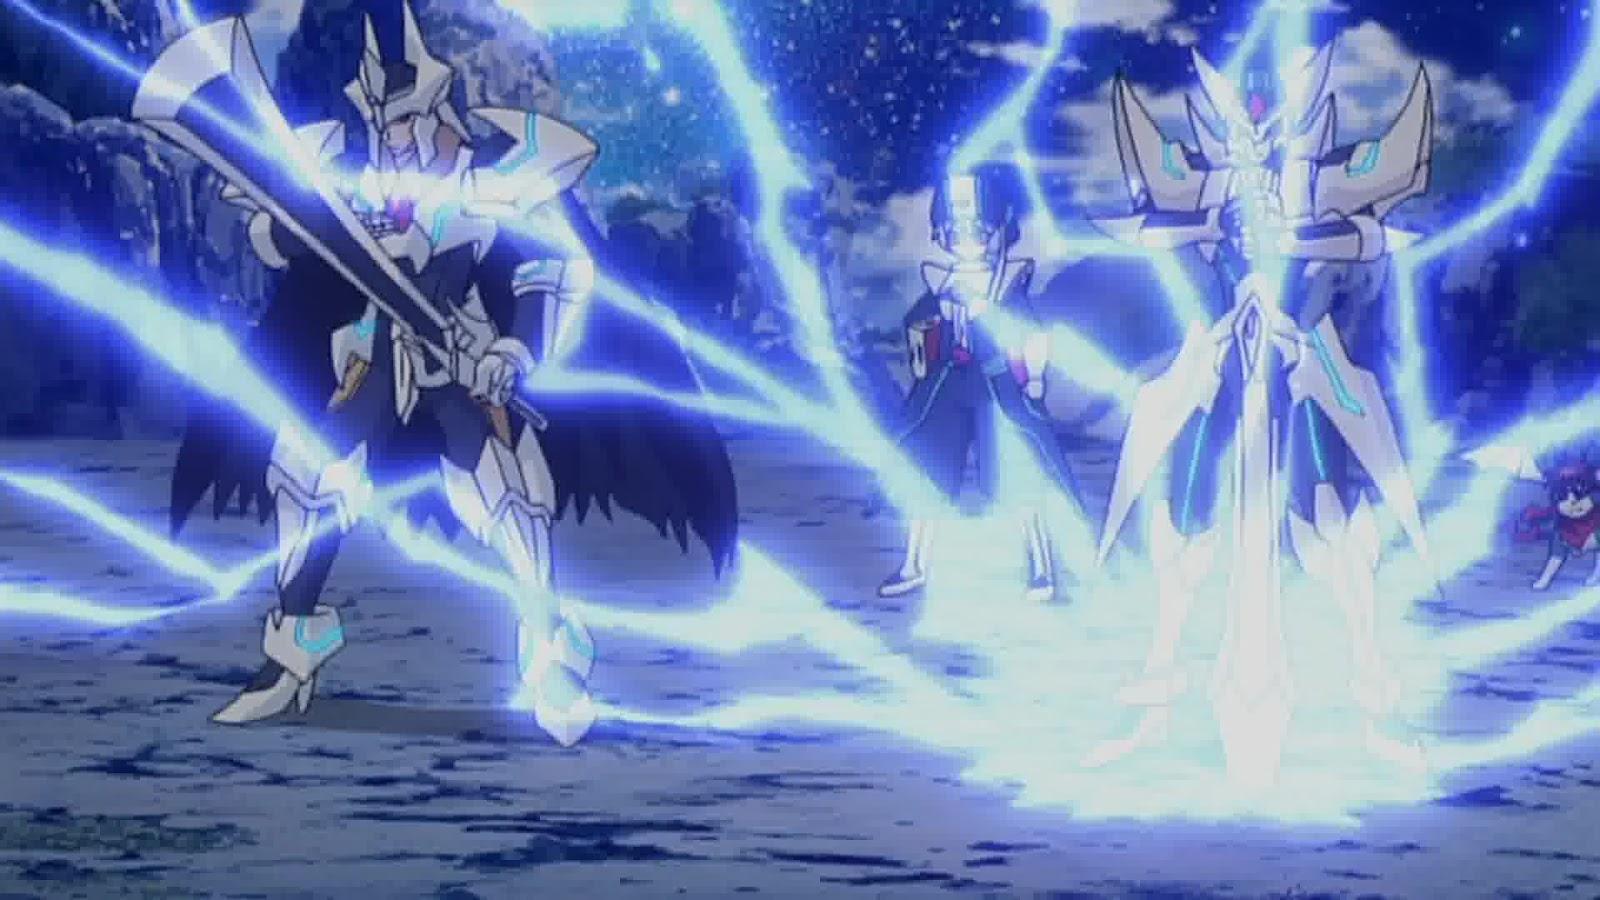 cardfight vanguard episode 102 watchcartoononline